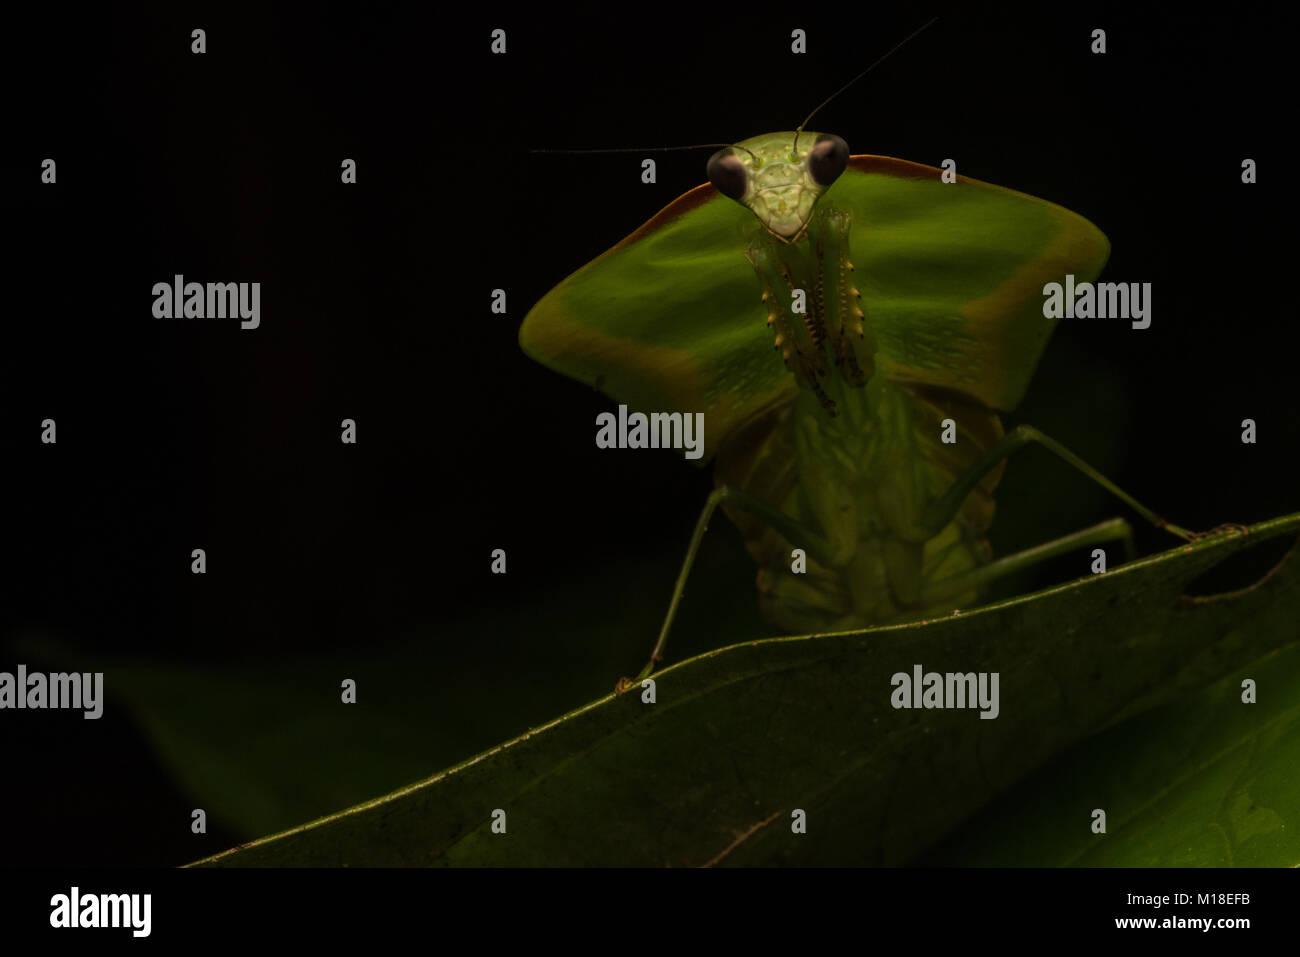 Ein Schild mantis in der Gattung Choeradodis, setzt auf seine Tarnung es sowohl von Räuber und Beute zu verstecken. Stockbild